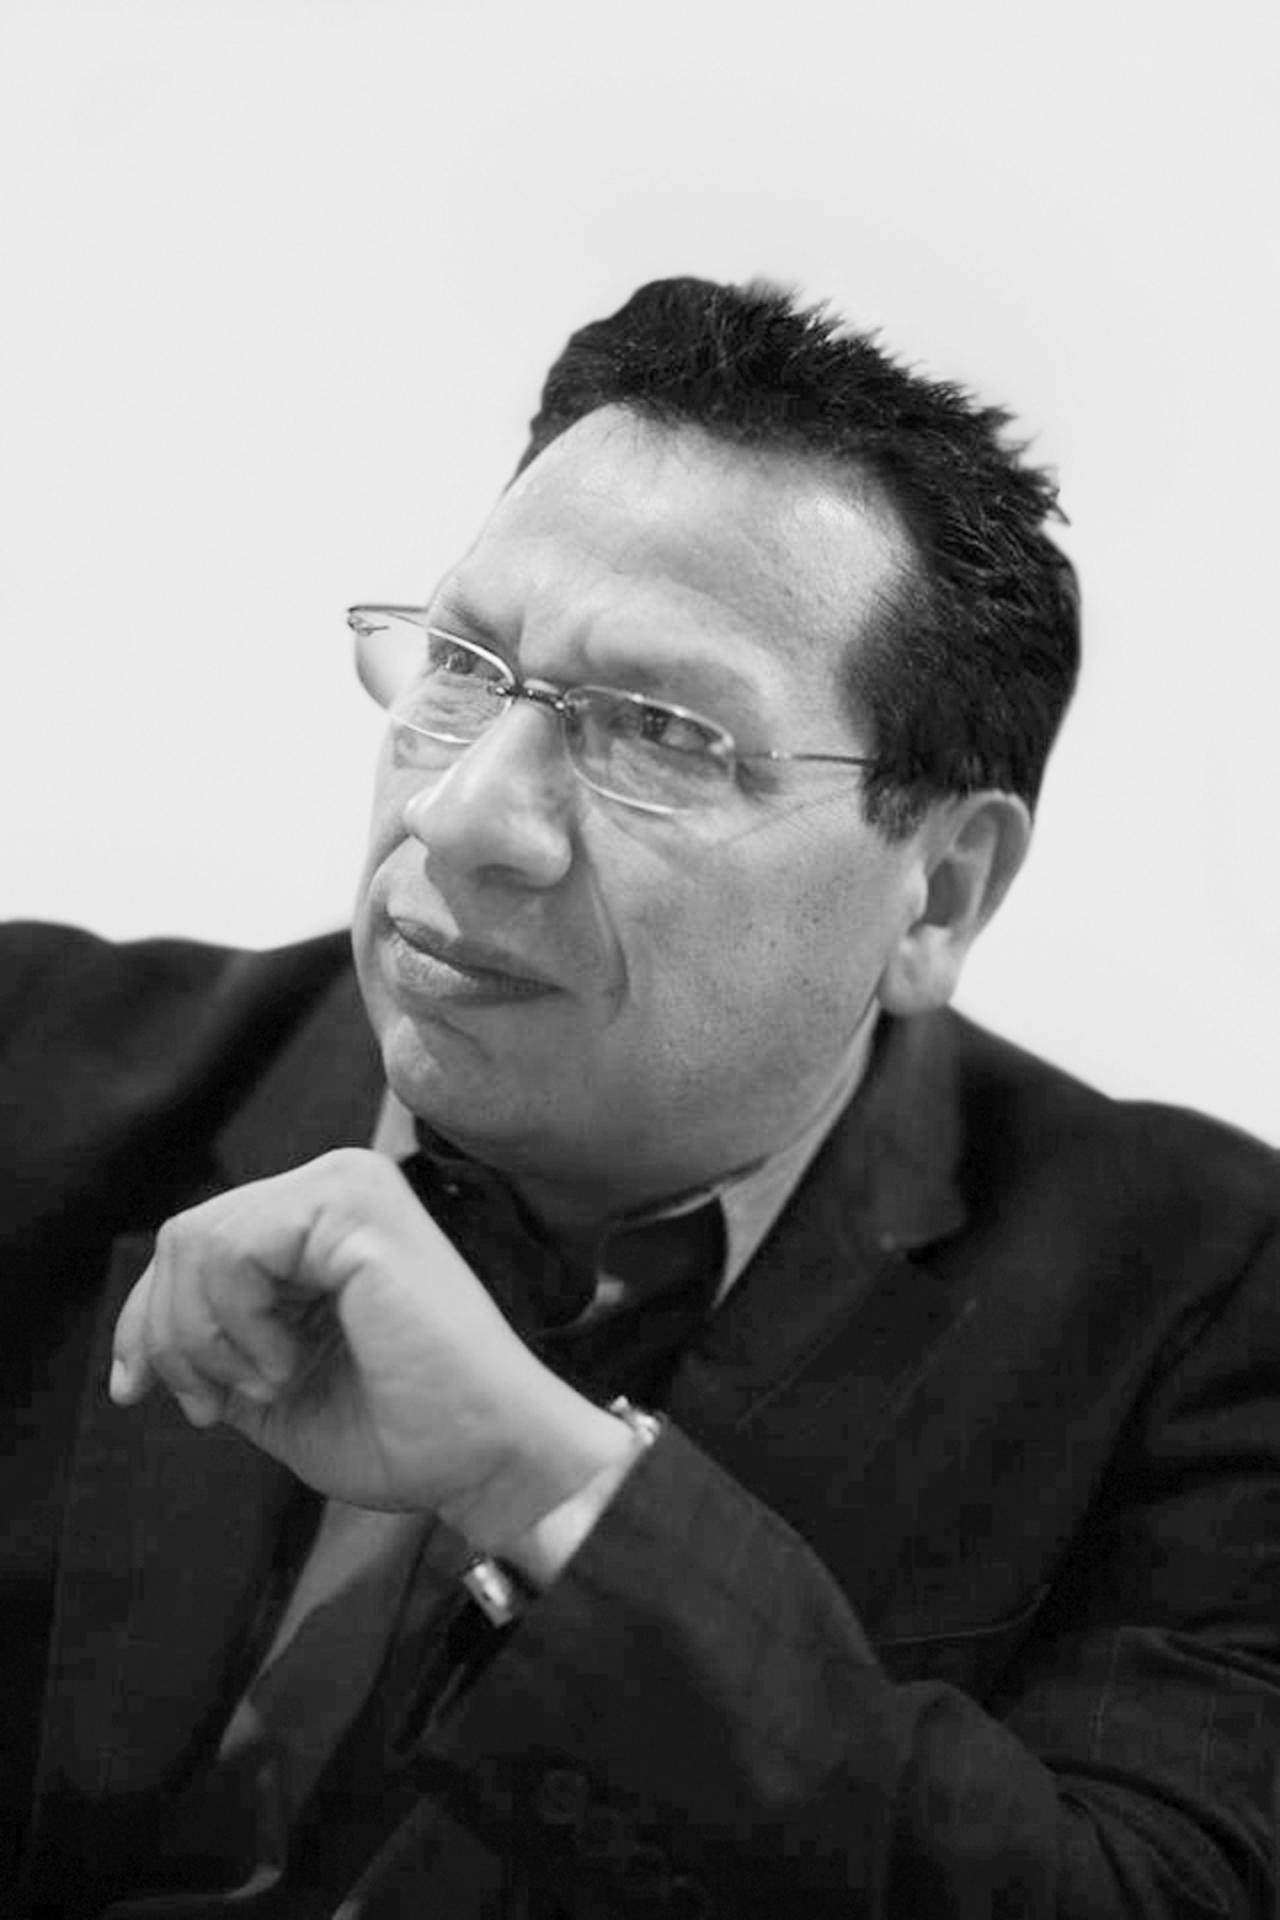 La exigencia de la ciudadanía es unánime: ¡Justicia para Chuy!